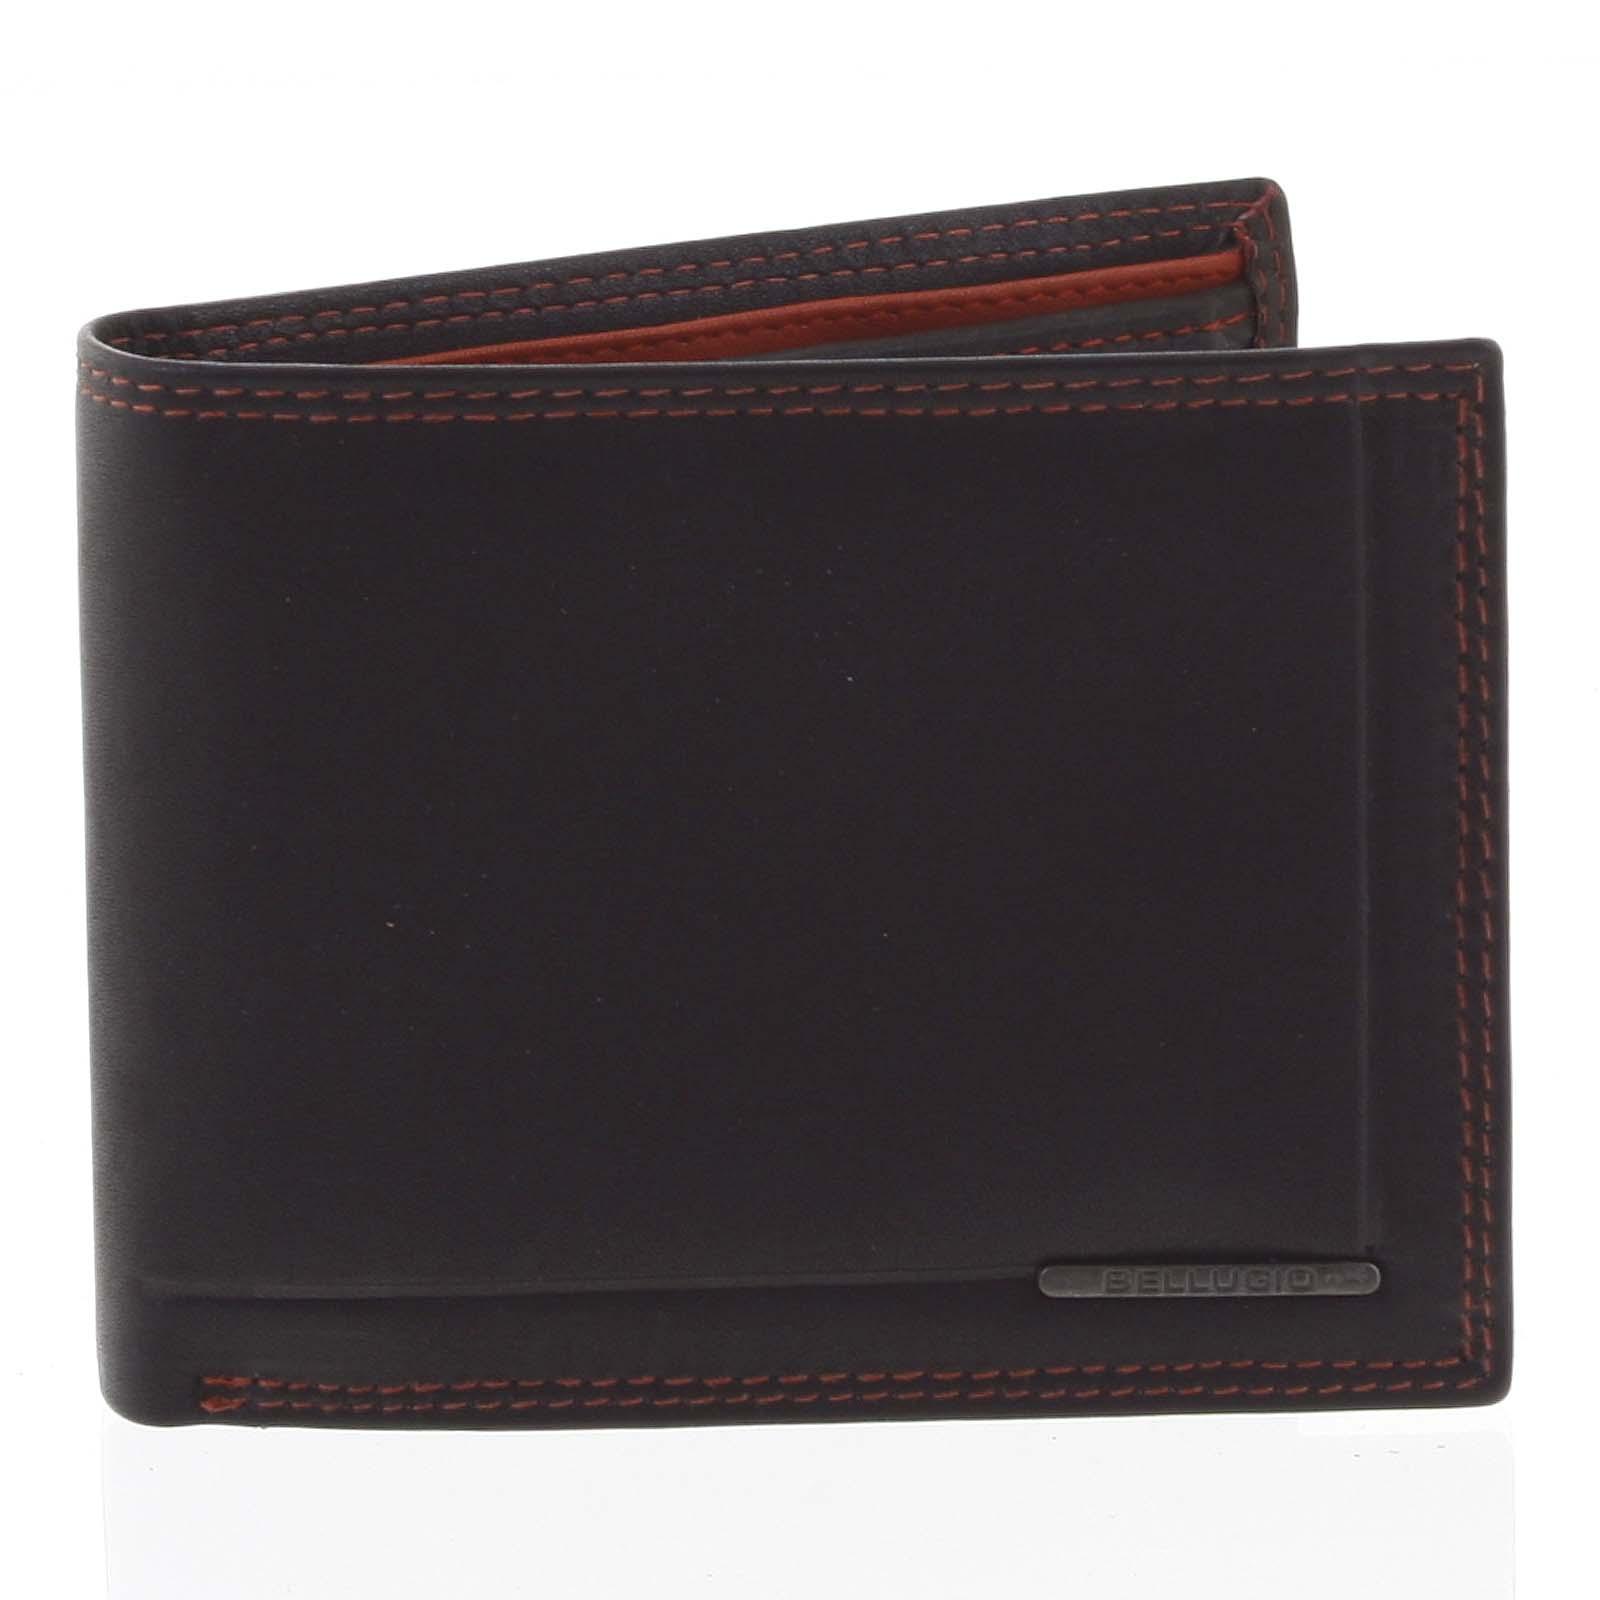 Pánská volná prošívaná peněženka černá - Bellugio Pann